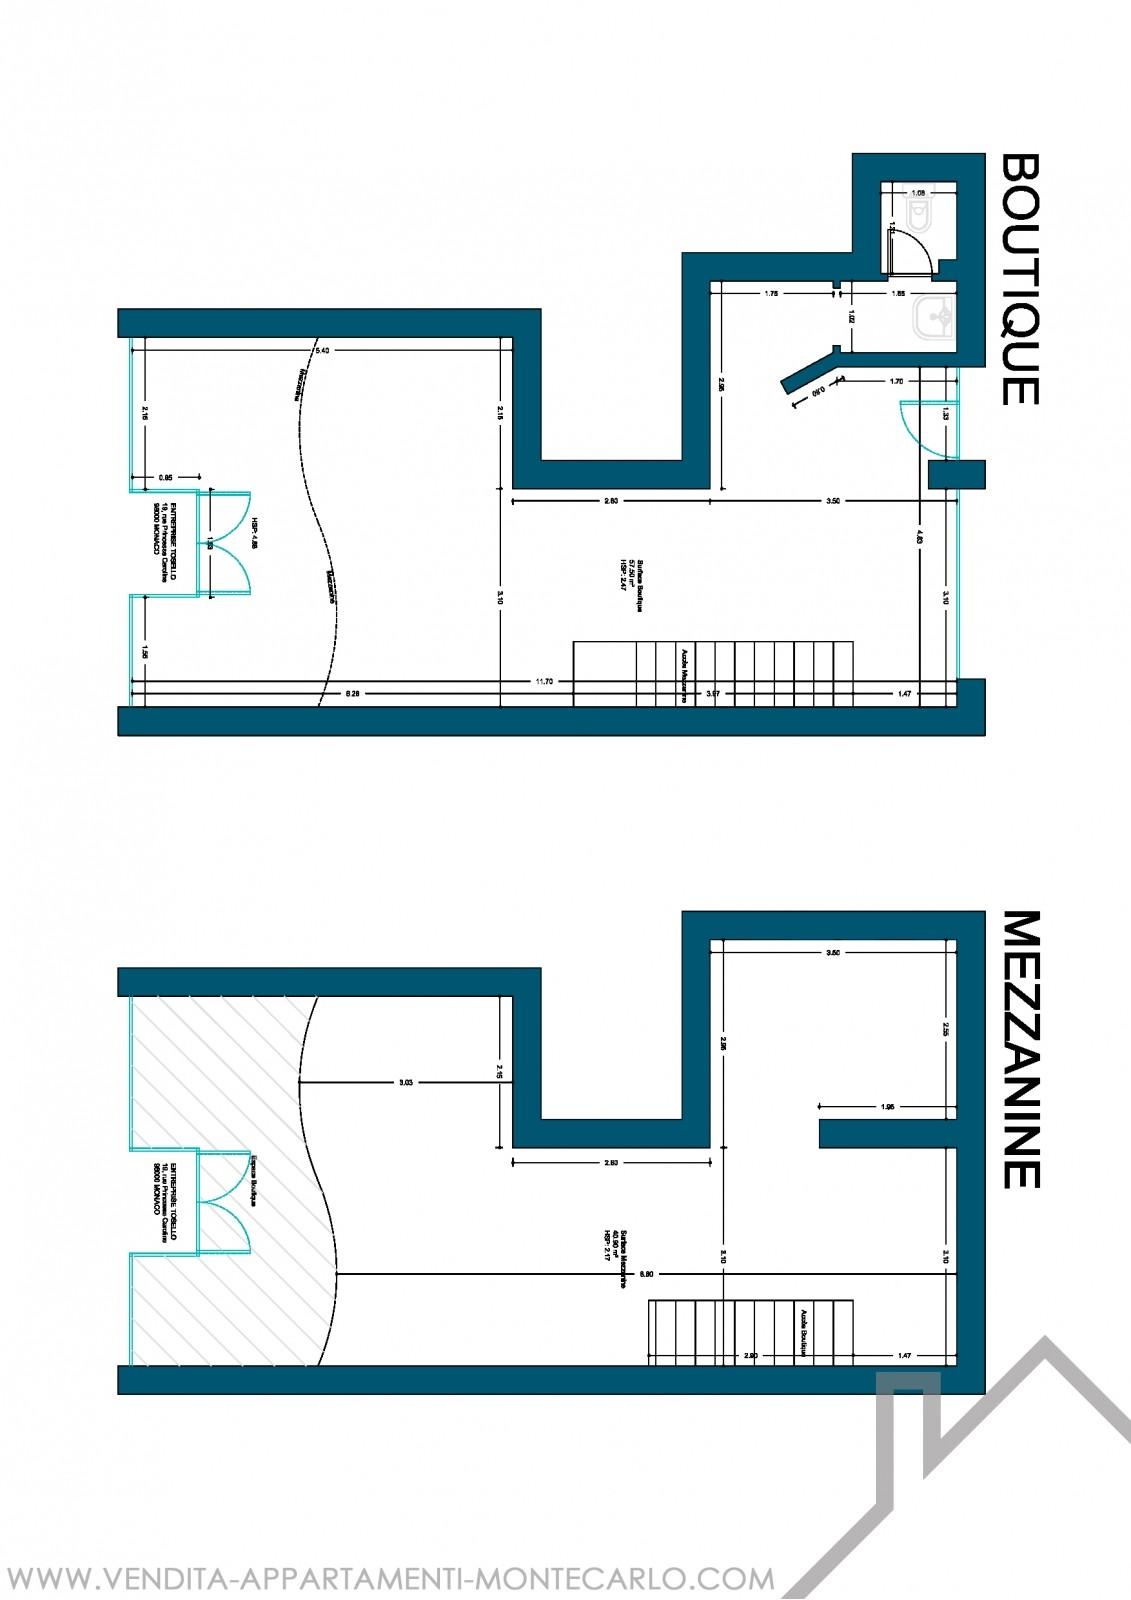 Cessione di contratto di affitto condamine for Contratto di locazione appartamento arredato